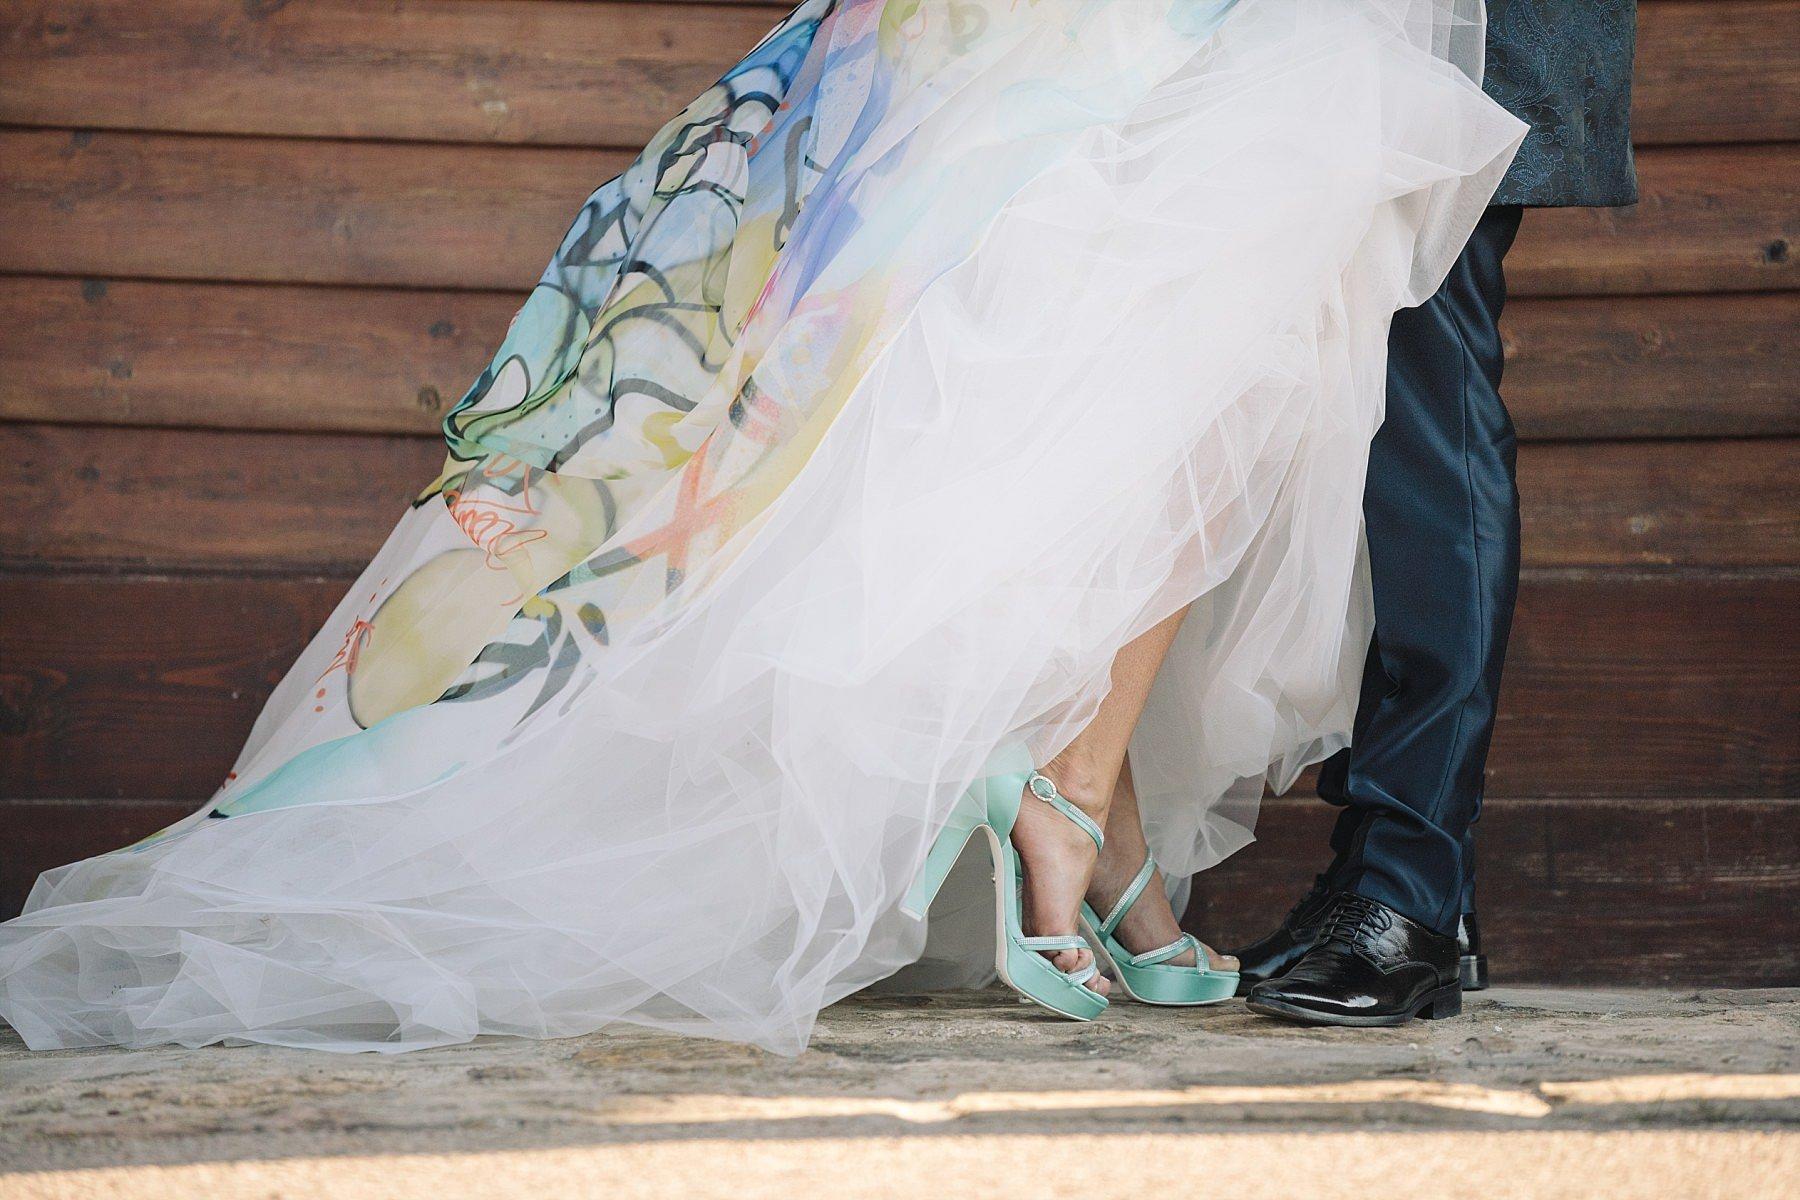 Dettaglio fashion abito e scarpe sposi Atelier Emé